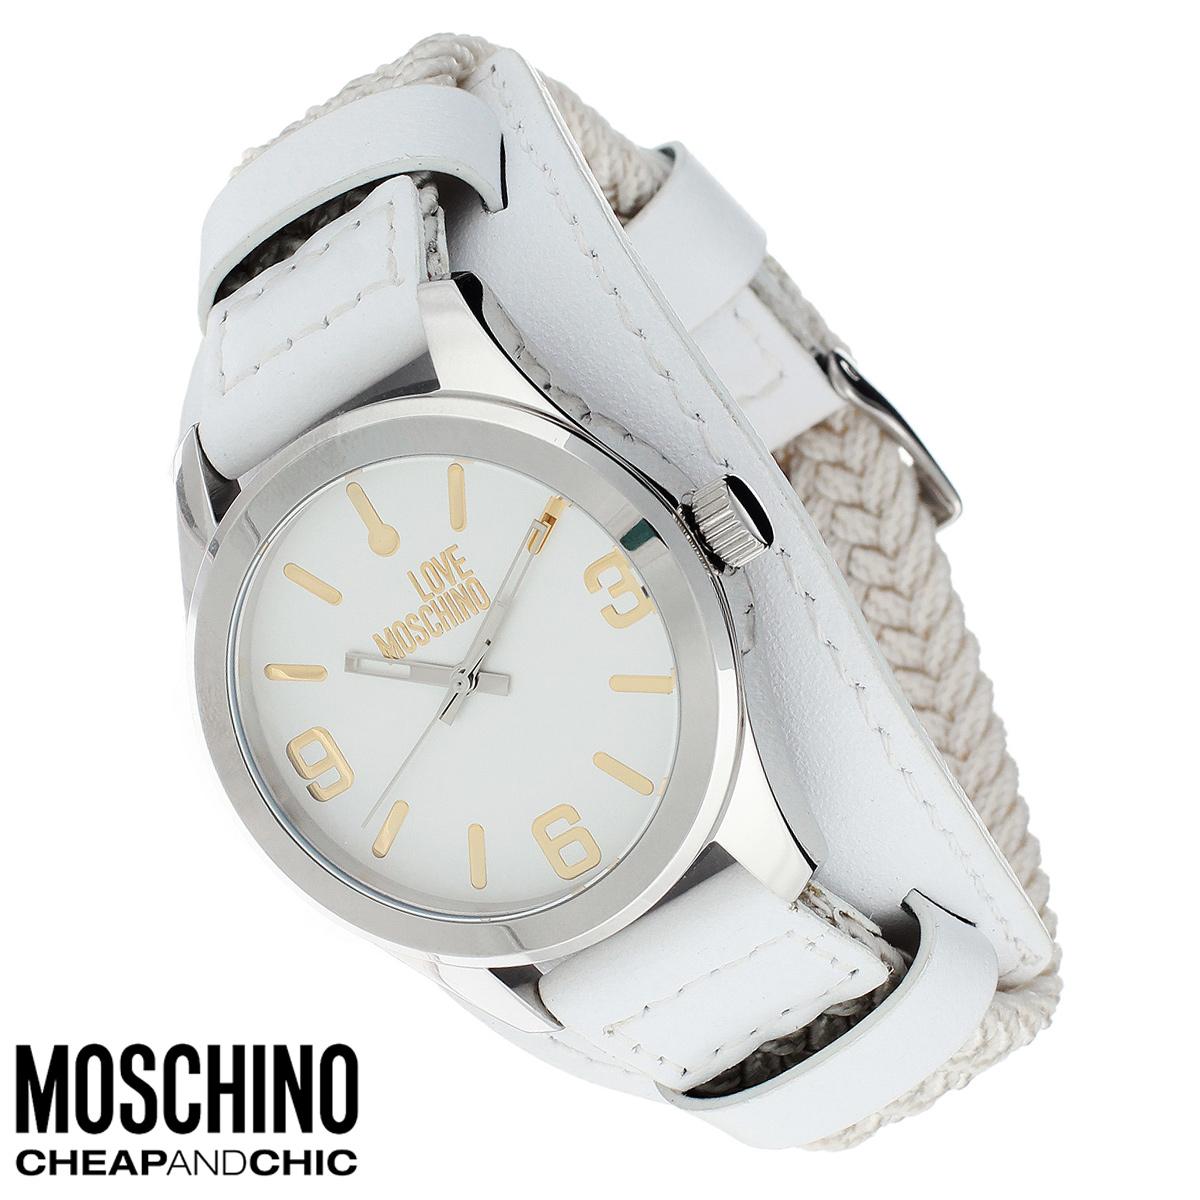 Часы женские наручные Moschino, цвет: белый, серебристый. MW0415MW0415Наручные часы от известного итальянского бренда Moschino - это не только стильный и функциональный аксессуар, но и современные технологи, сочетающиеся с экстравагантным дизайном и индивидуальностью. Часы Moschino оснащены кварцевым механизмом. Корпус выполнен из высококачественной нержавеющей стали. Циферблат с отметками и арабскими цифрами оформлен надписью Love Moschino и защищен минеральным стеклом. Часы имеют три стрелки - часовую, минутную и секундную. Текстильный плетеный ремешок часов с элементами из натуральной кожи имеет классическую застежку. Часы упакованы в фирменную металлическую коробку с логотипом бренда. Часы Moschino благодаря своему уникальному дизайну отличаются от часов других марок своеобразными циферблатами, функциональностью, а также набором уникальных технических свойств. Каждой модели присуща легкая экстравагантность, самобытность и, безусловно, великолепный вкус. Характеристики: Диаметр циферблата:...